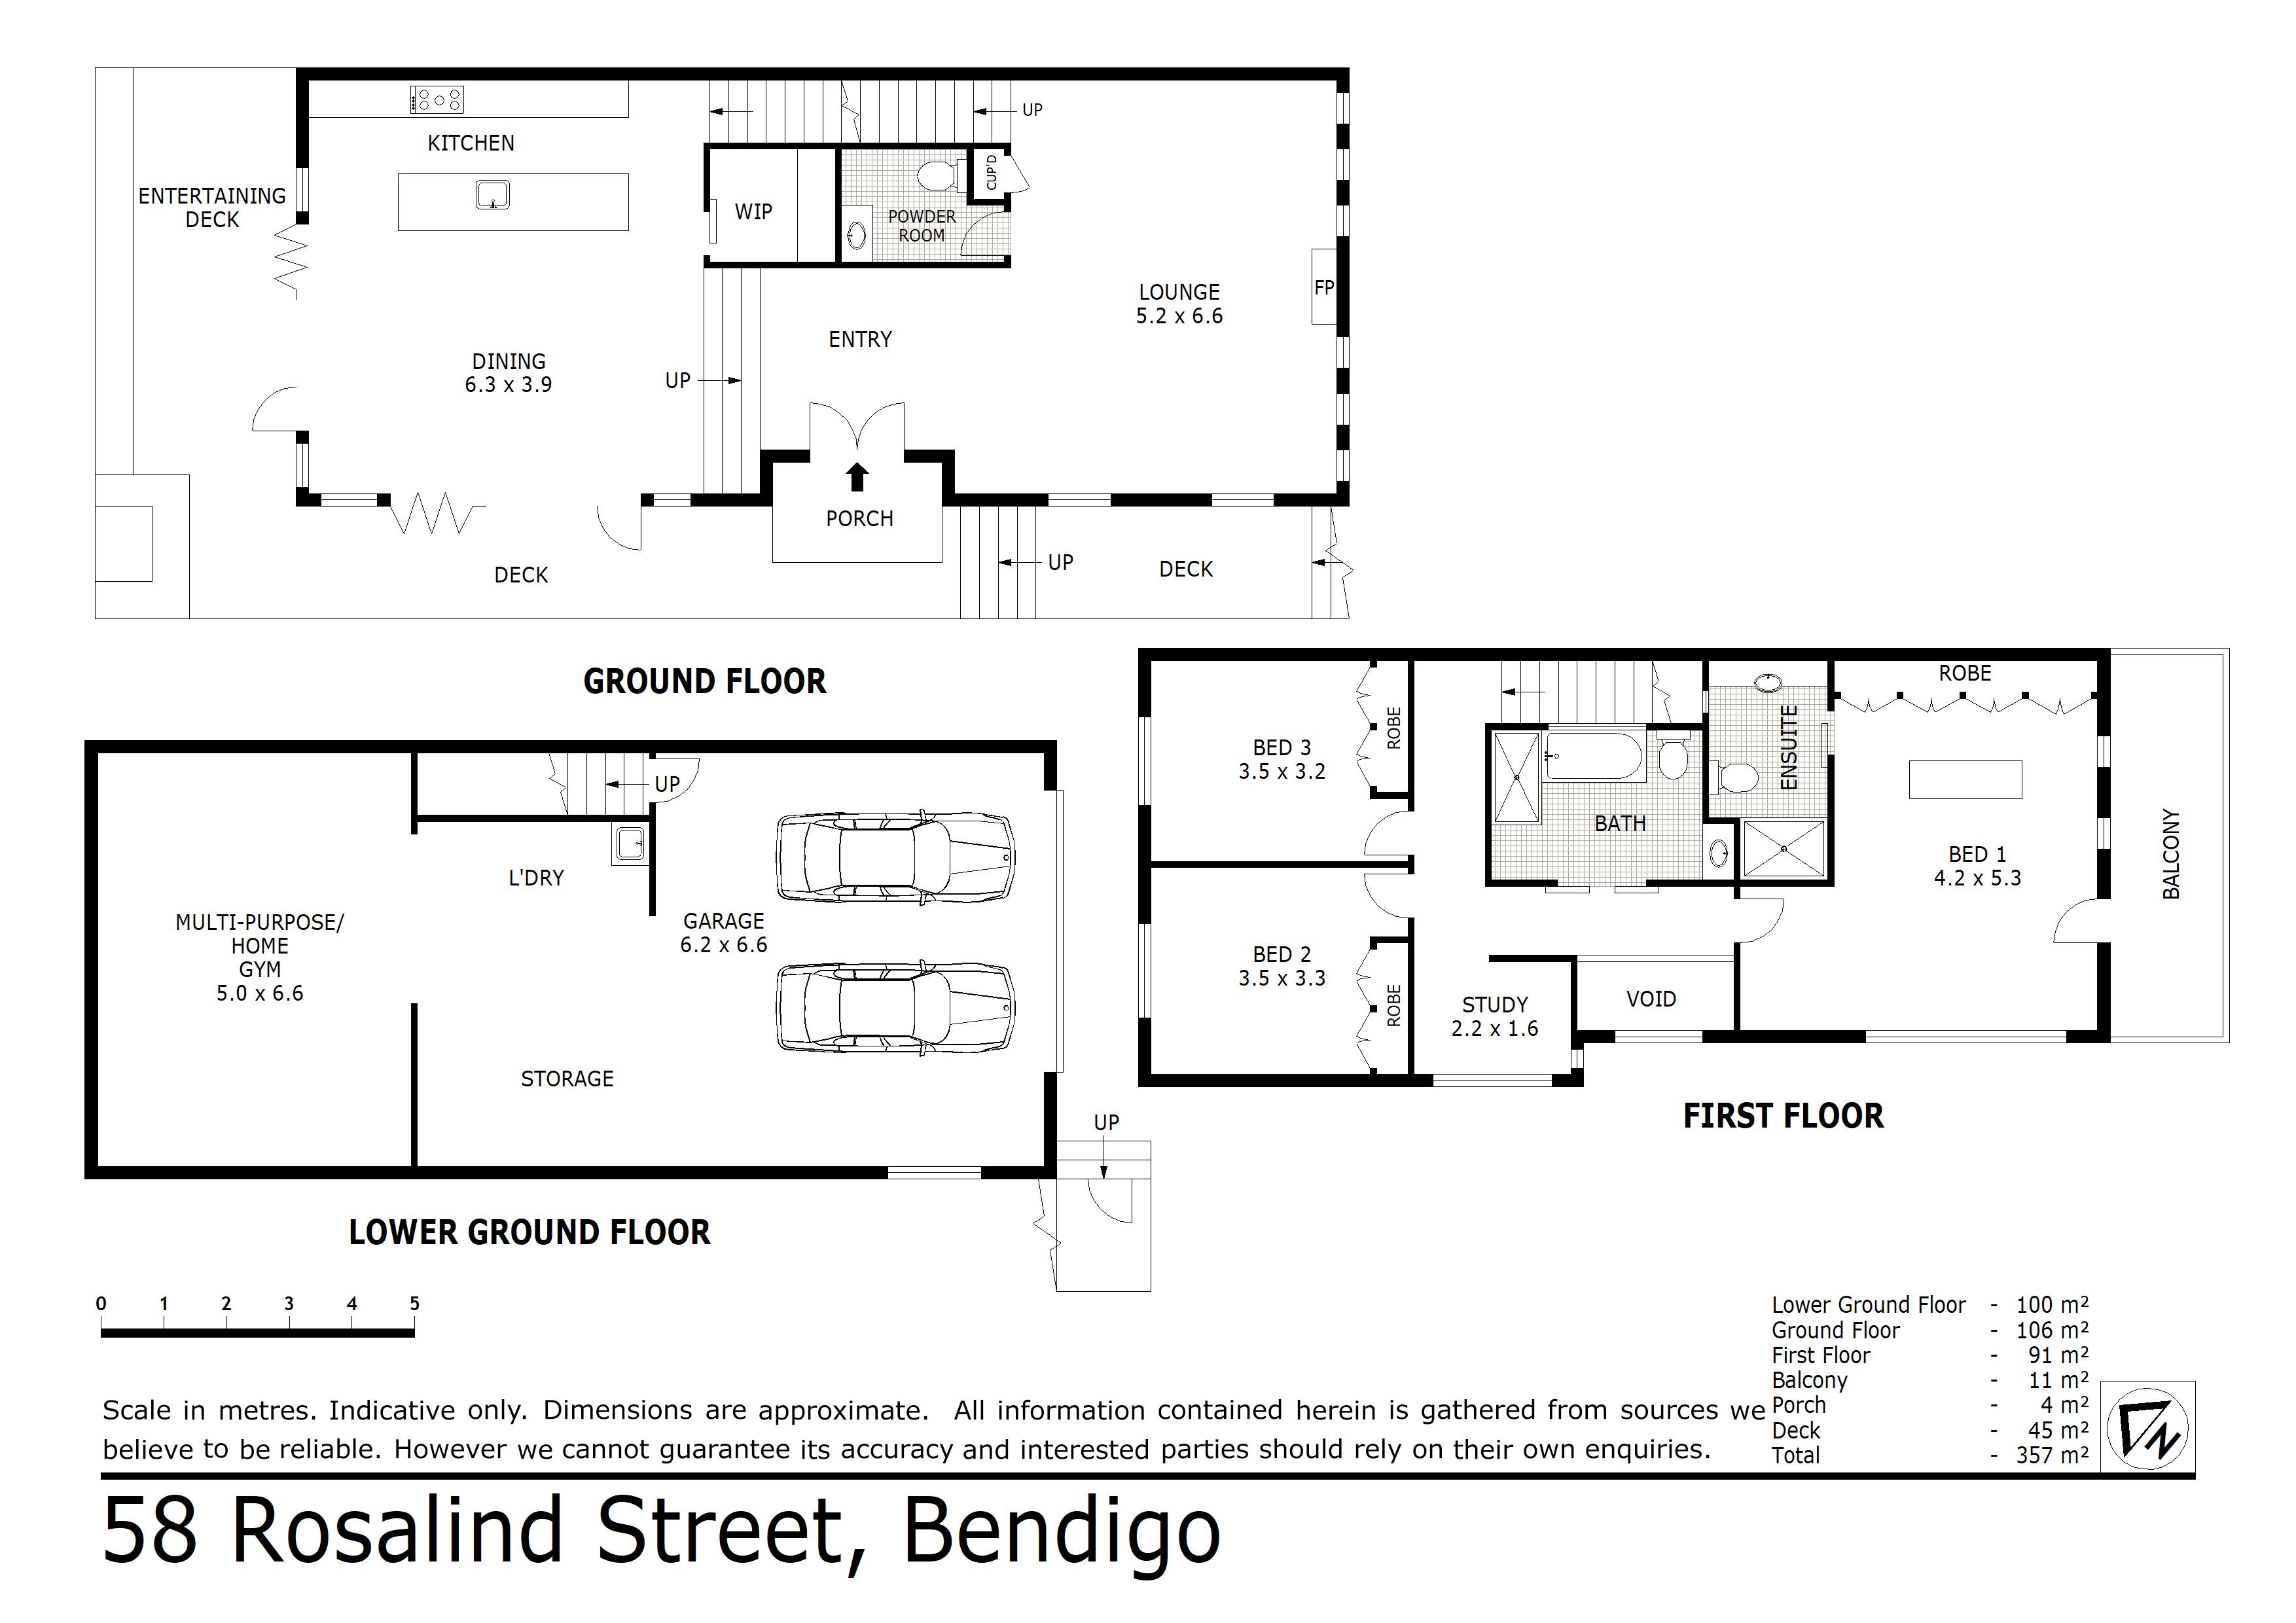 58 Rosalind Street, Bendigo, VIC 3550